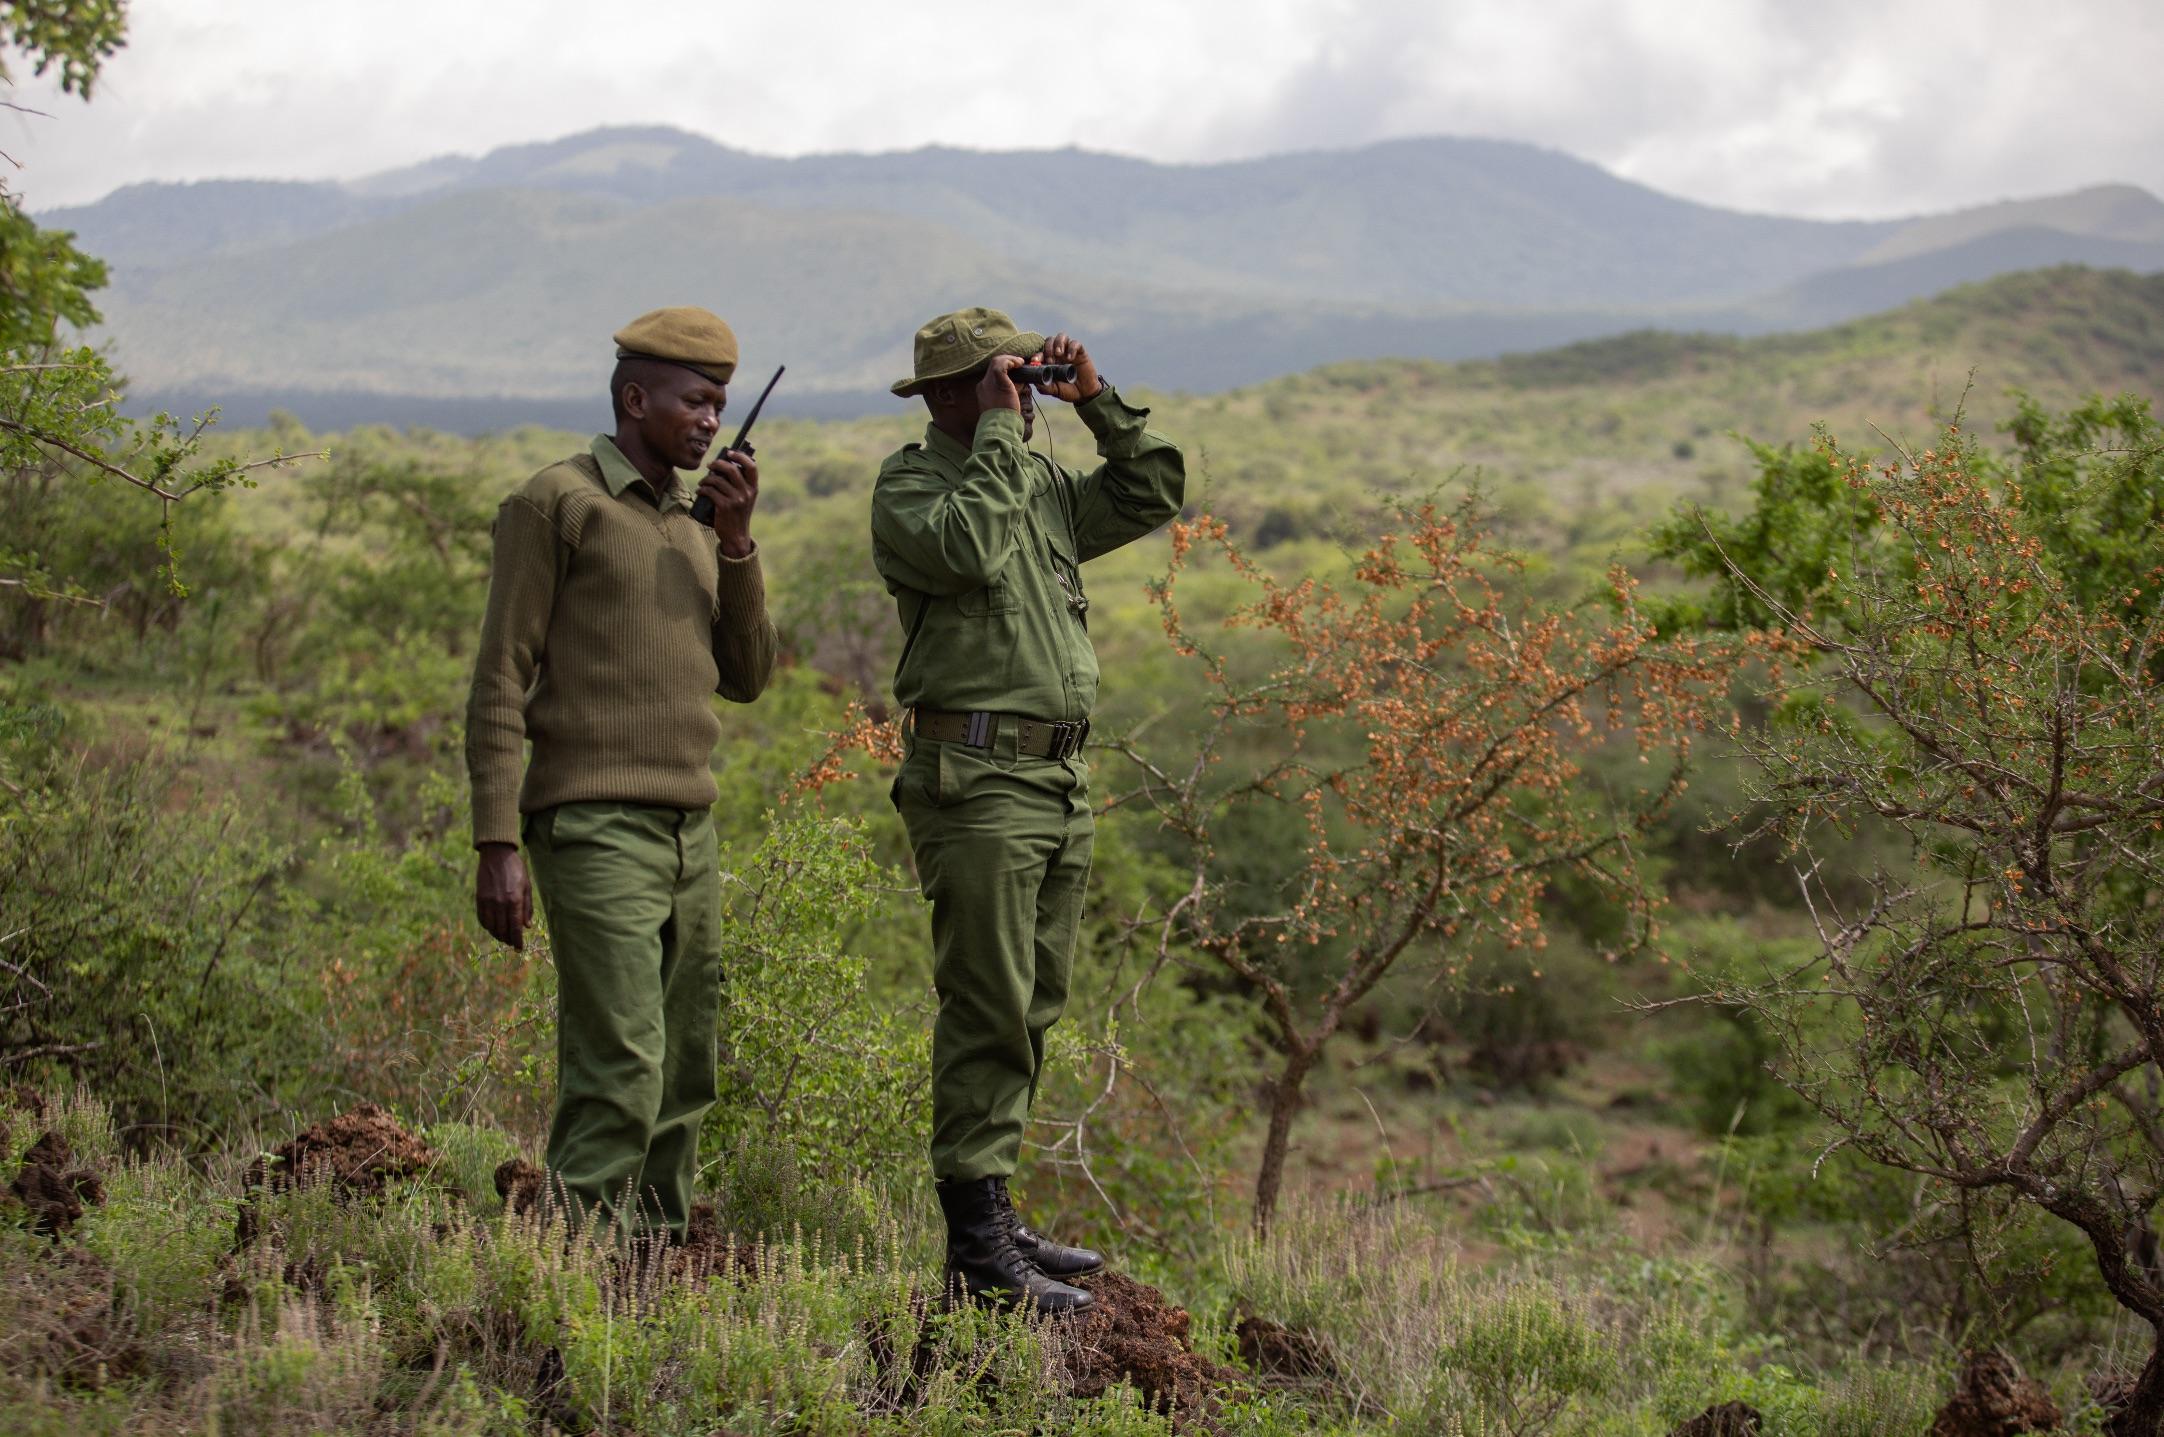 Kuku Group Ranch – Maasai Wilderness Conservation Trust